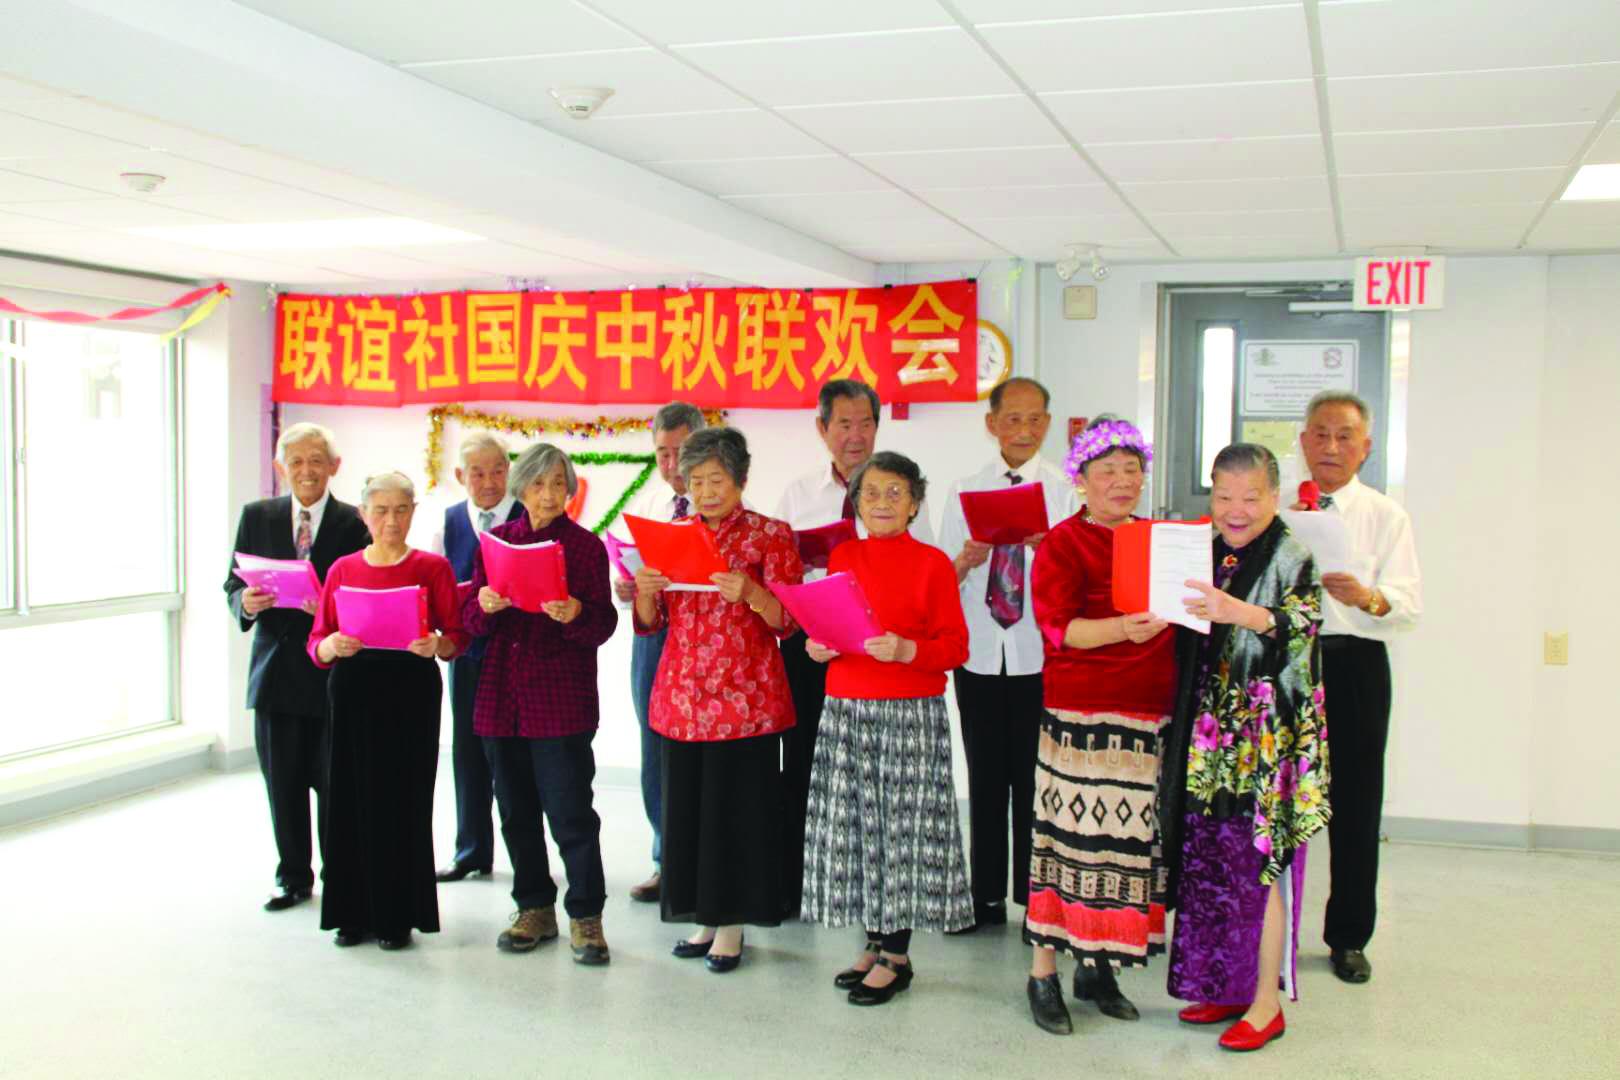 wo-tai-hua-zhong-lao-nian-hua-ren-lian-yi-she-guo-qing-zhong-qiu-lian-huan-hui-long-zhong-ju-xing-2